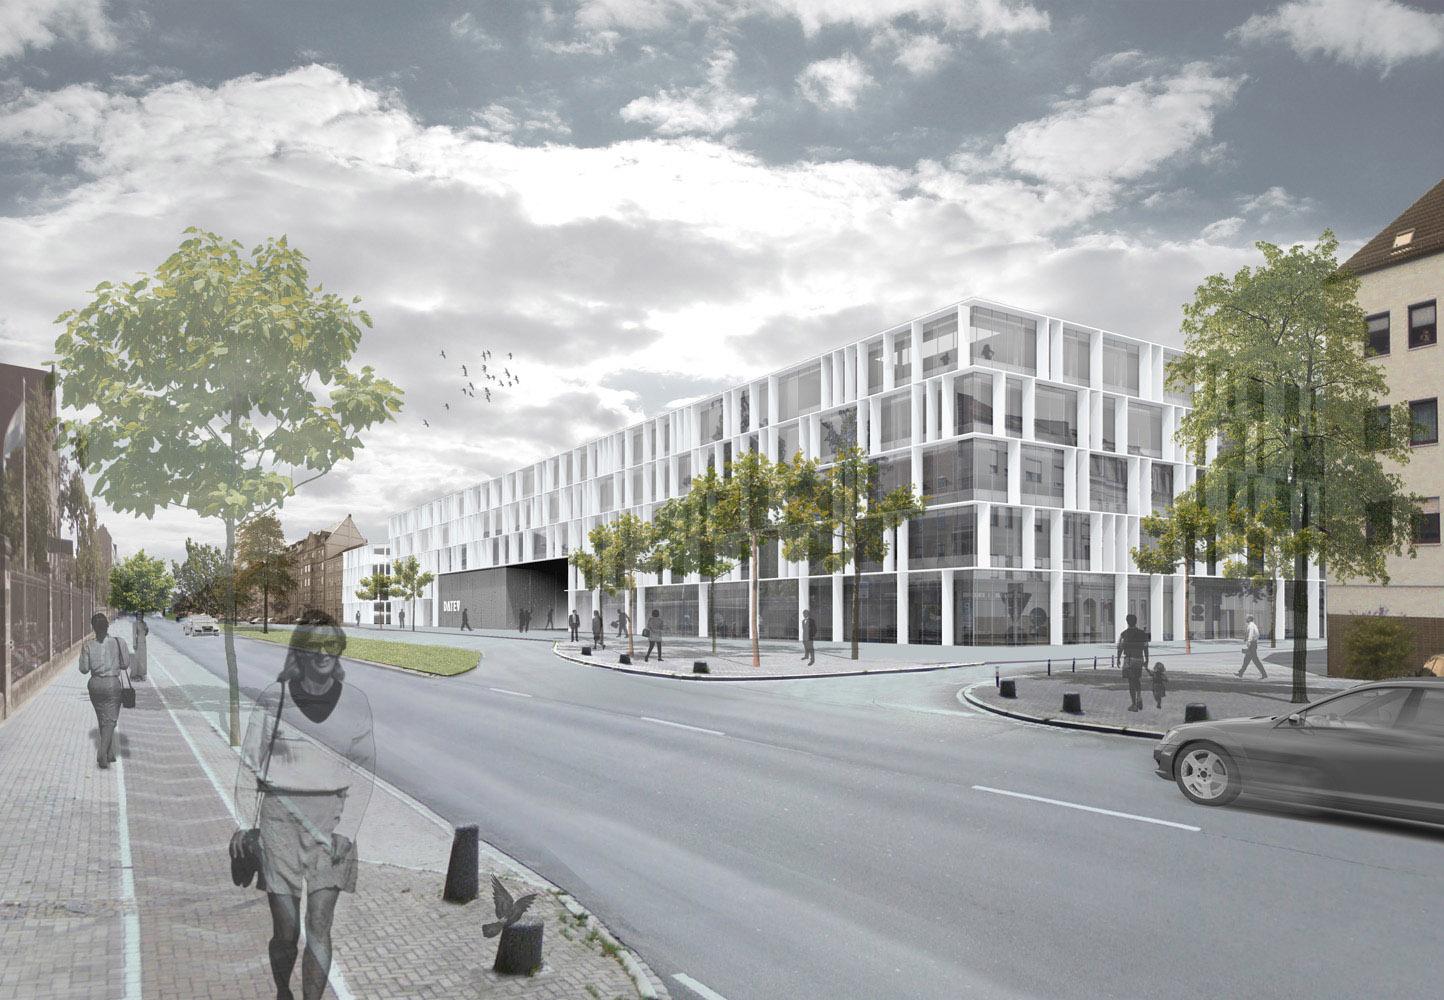 Moderne bürokonzepte  Ergebnis: Fassadengestaltung Neubau DATEV-Entwickler...competitionline